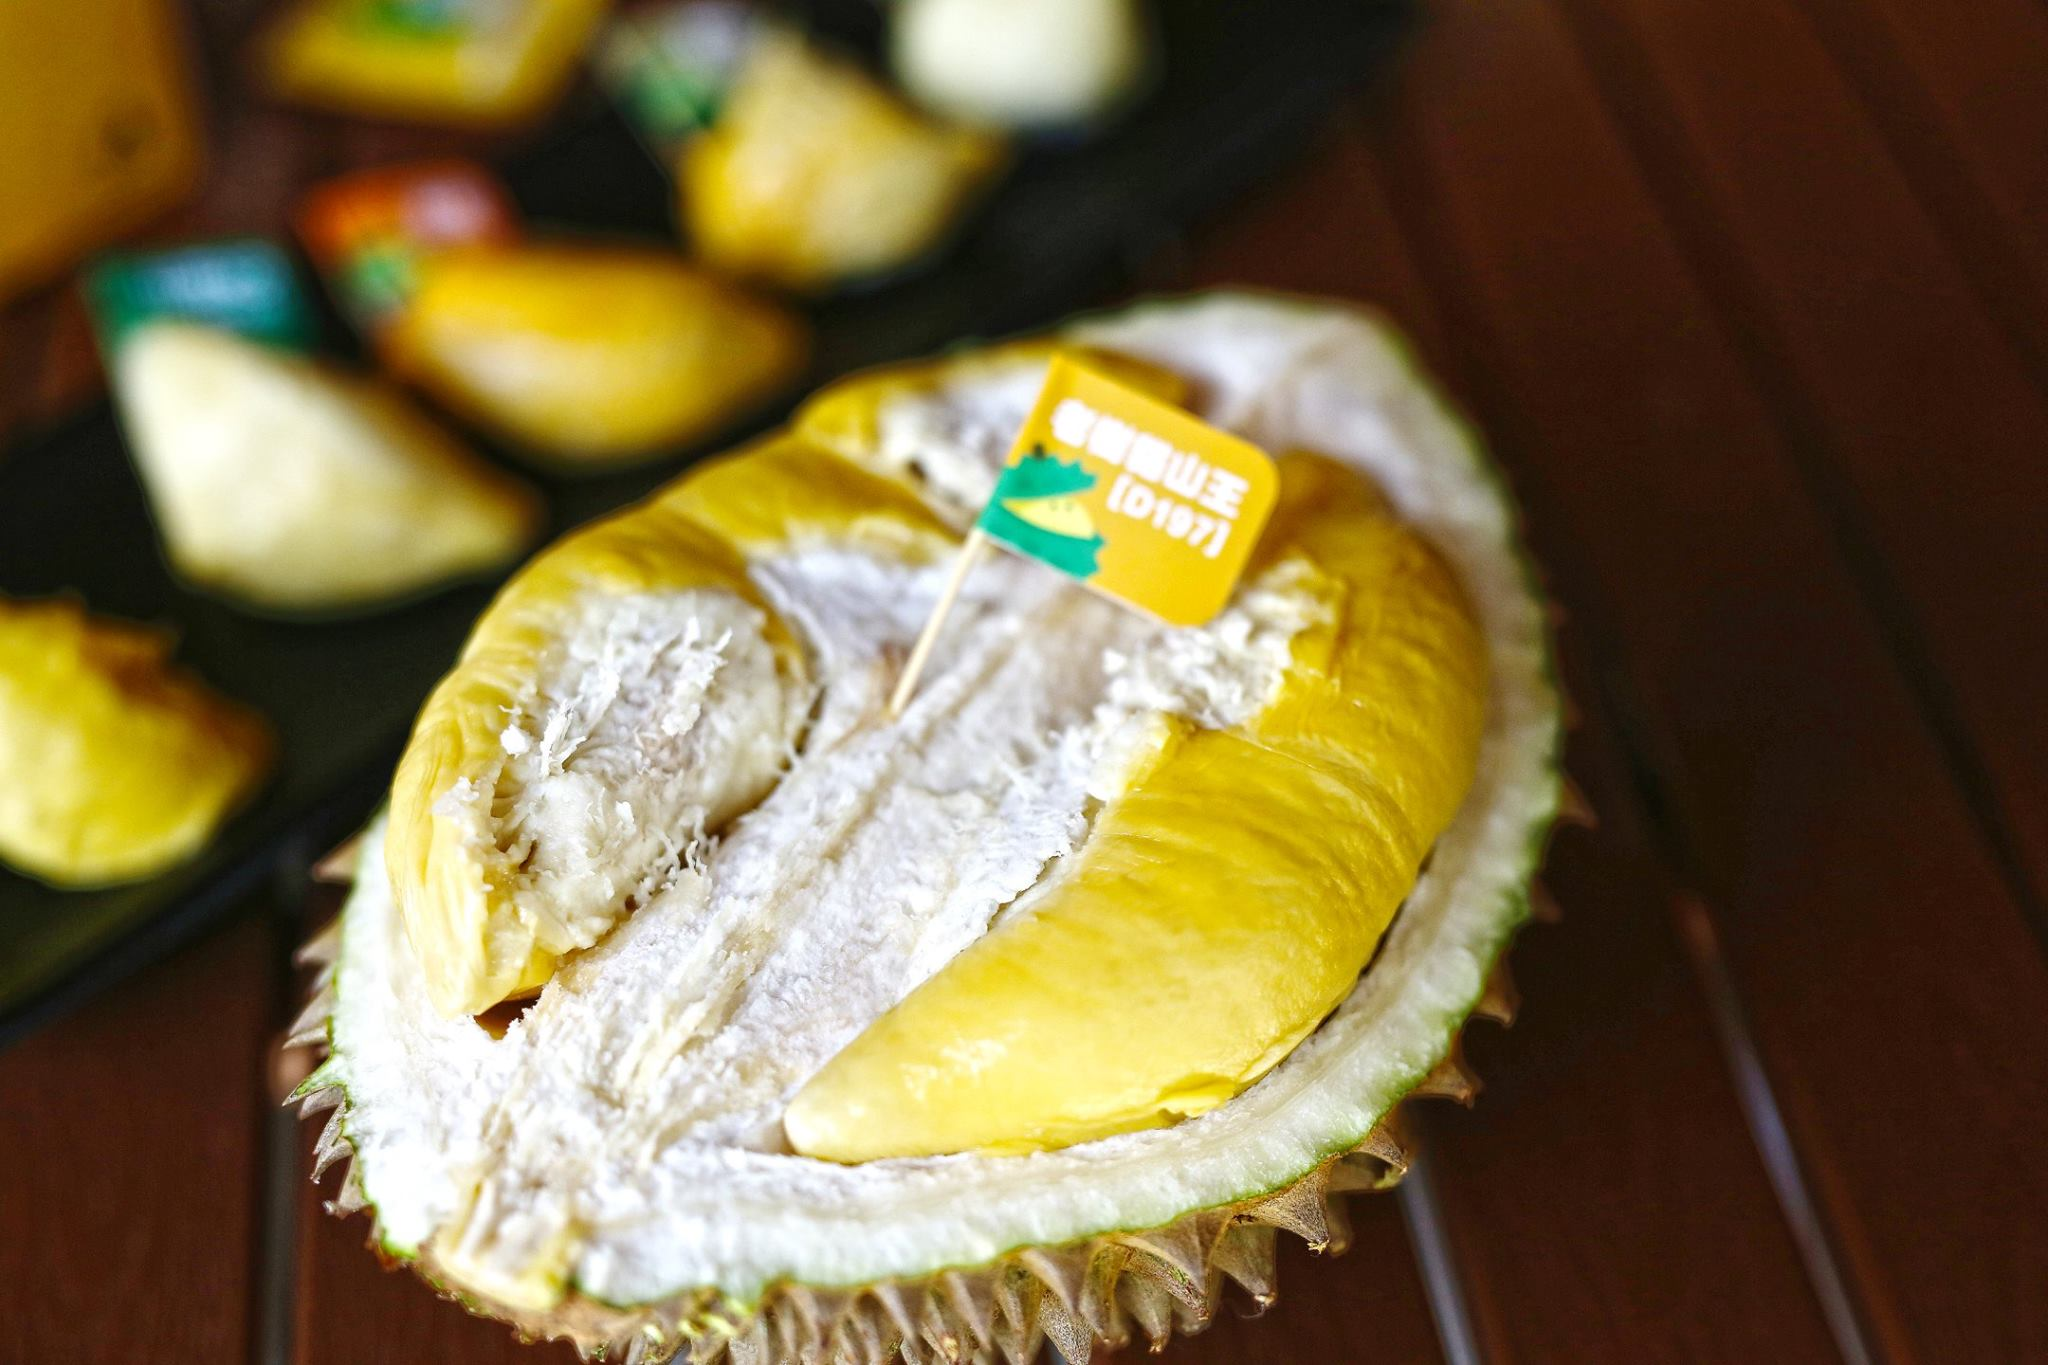 Top 3: Hack It Durian!